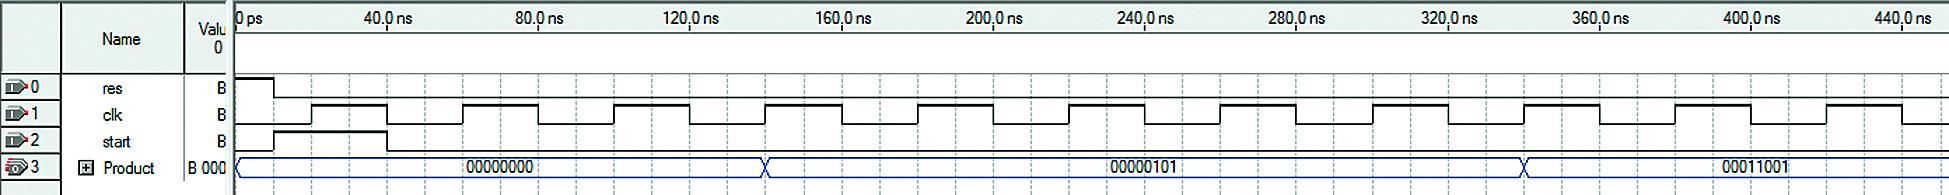 Тестирование умножителя на примере умножения 5×5 (результат 25)